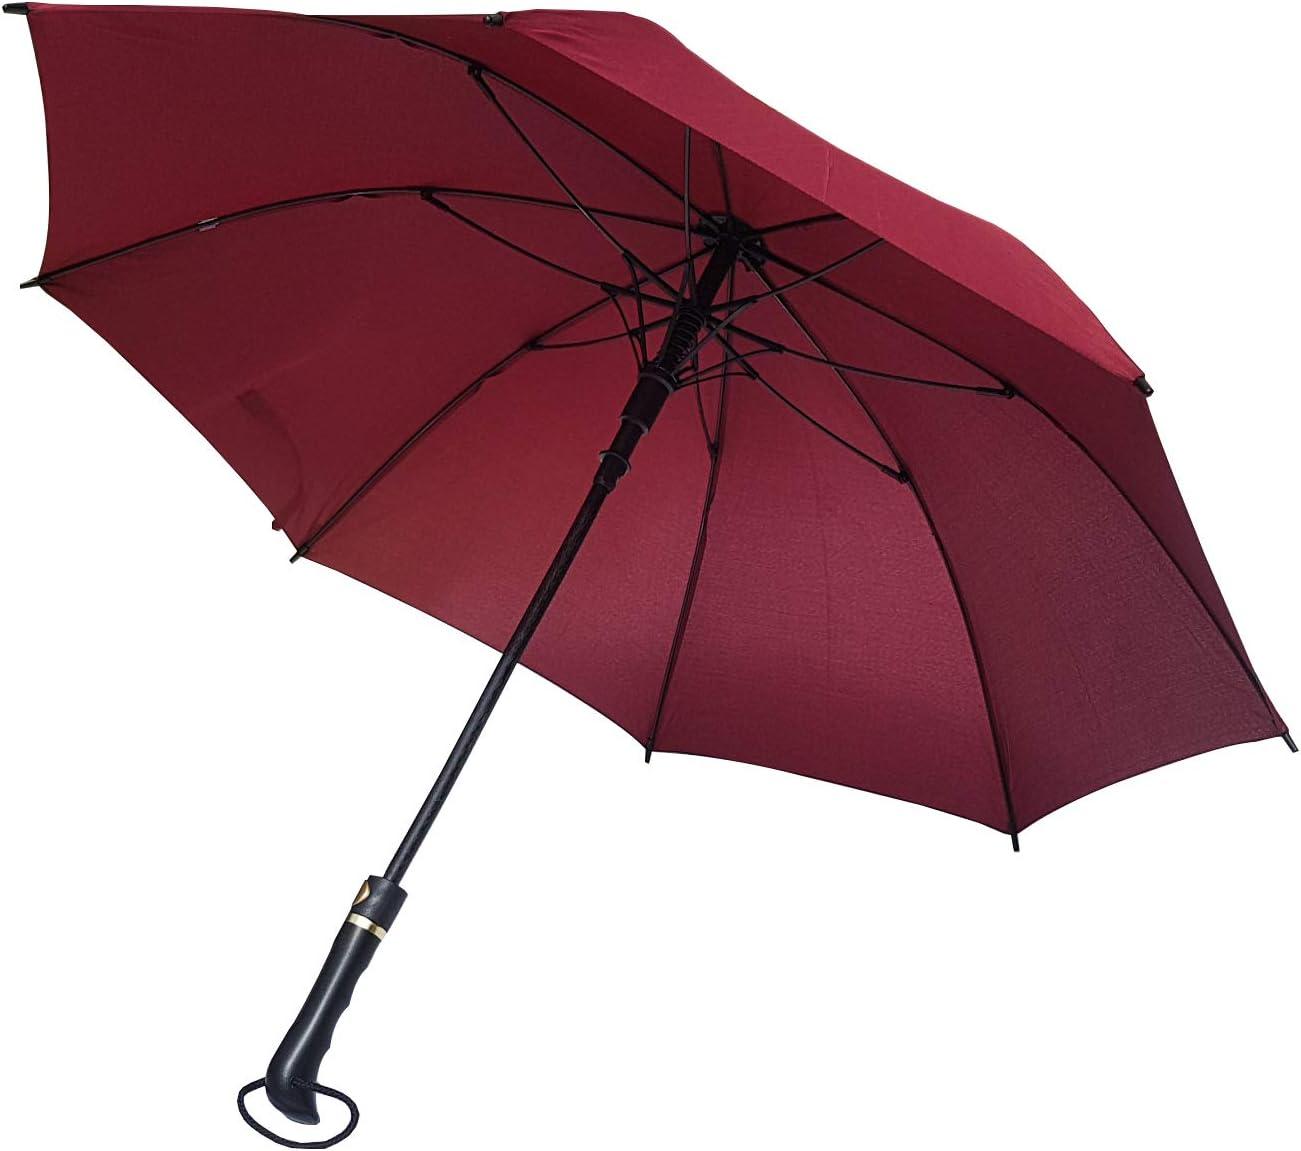 Paraguas XXL 120 cm Rojo Oscuro de 8 robustas Varillas Antiviento ...